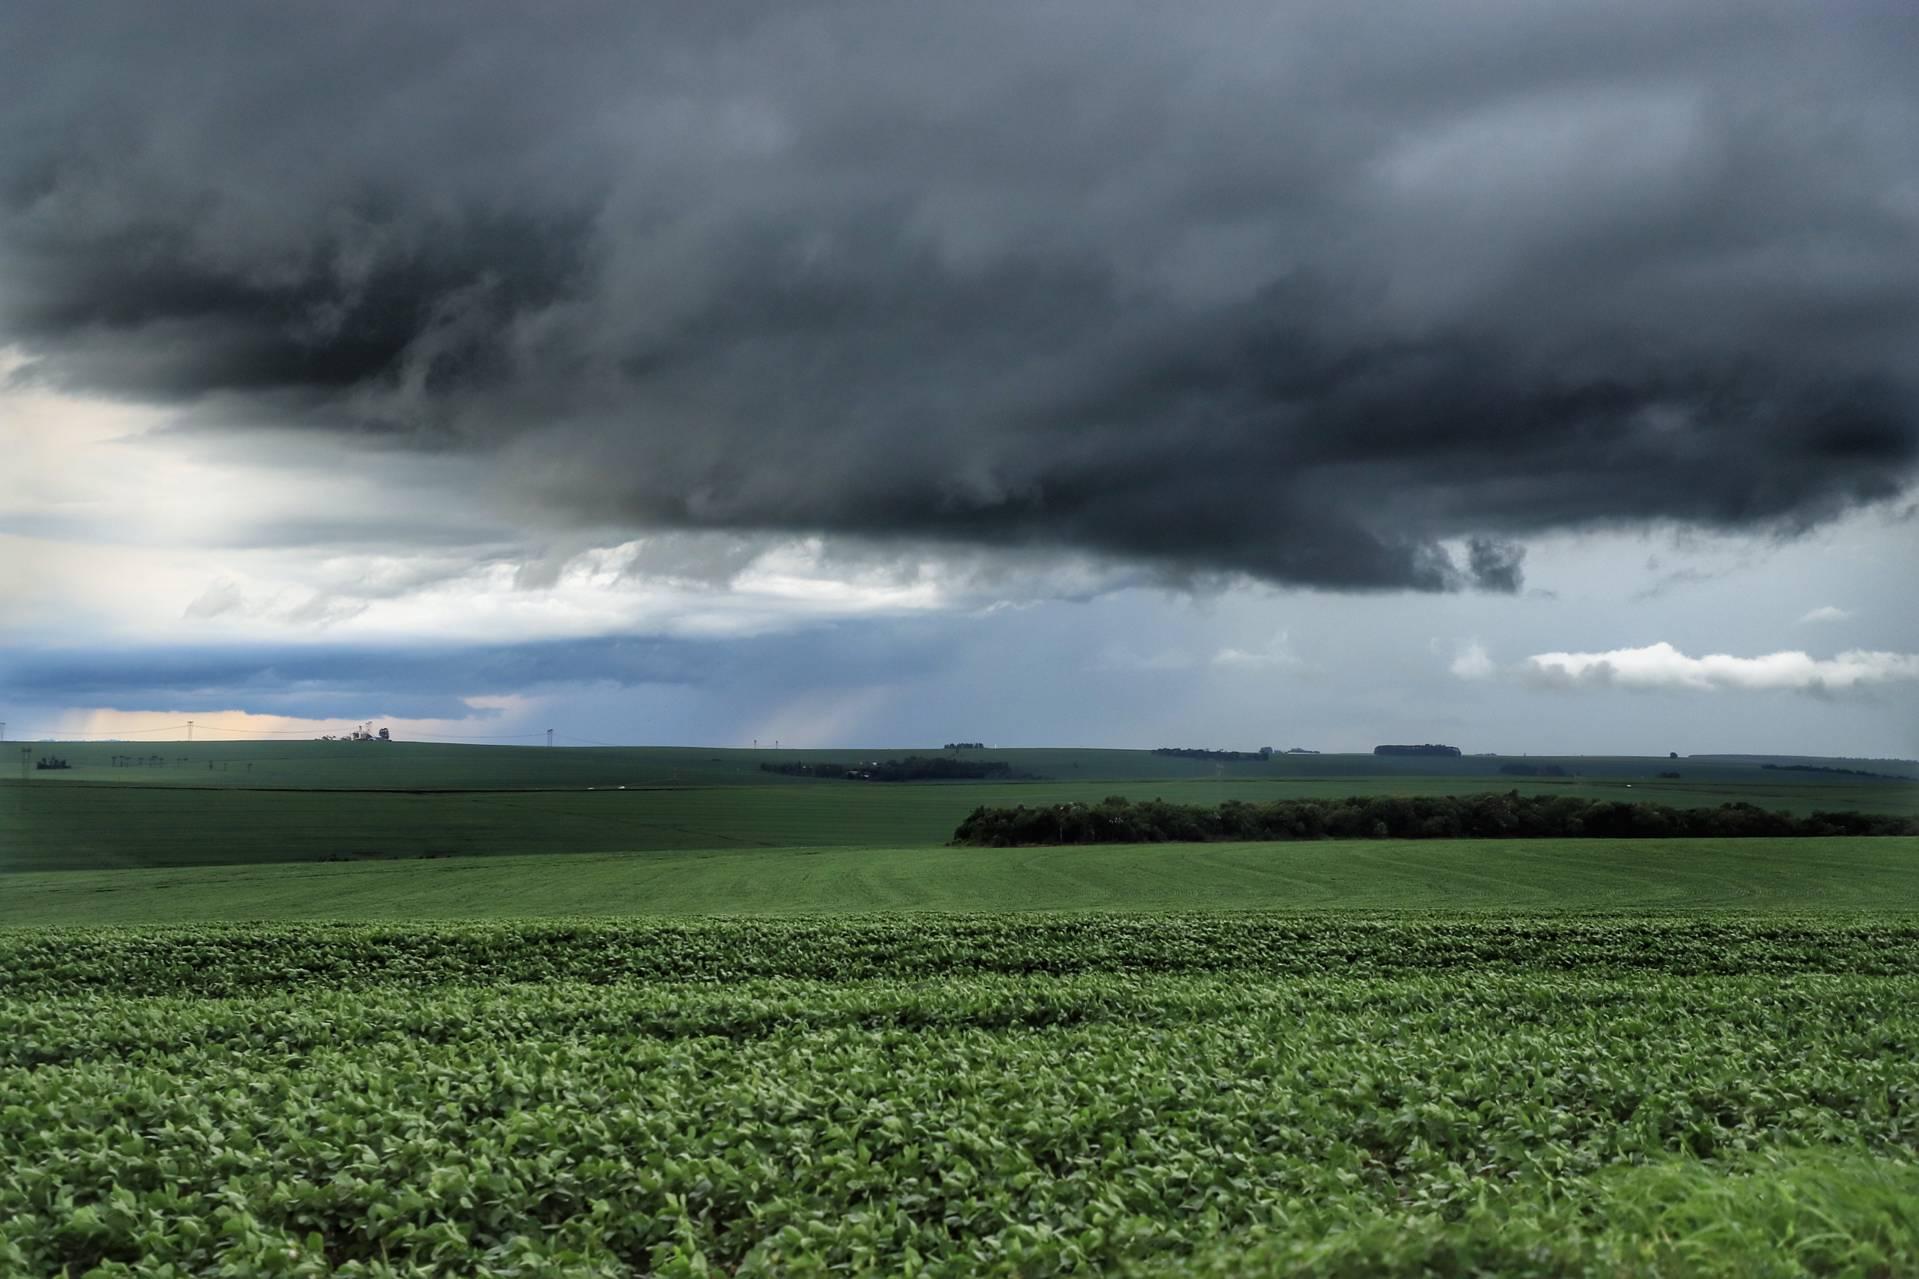 Chuvas retornam ao Paraná e oferecem melhores condições de plantio, segundo boletim